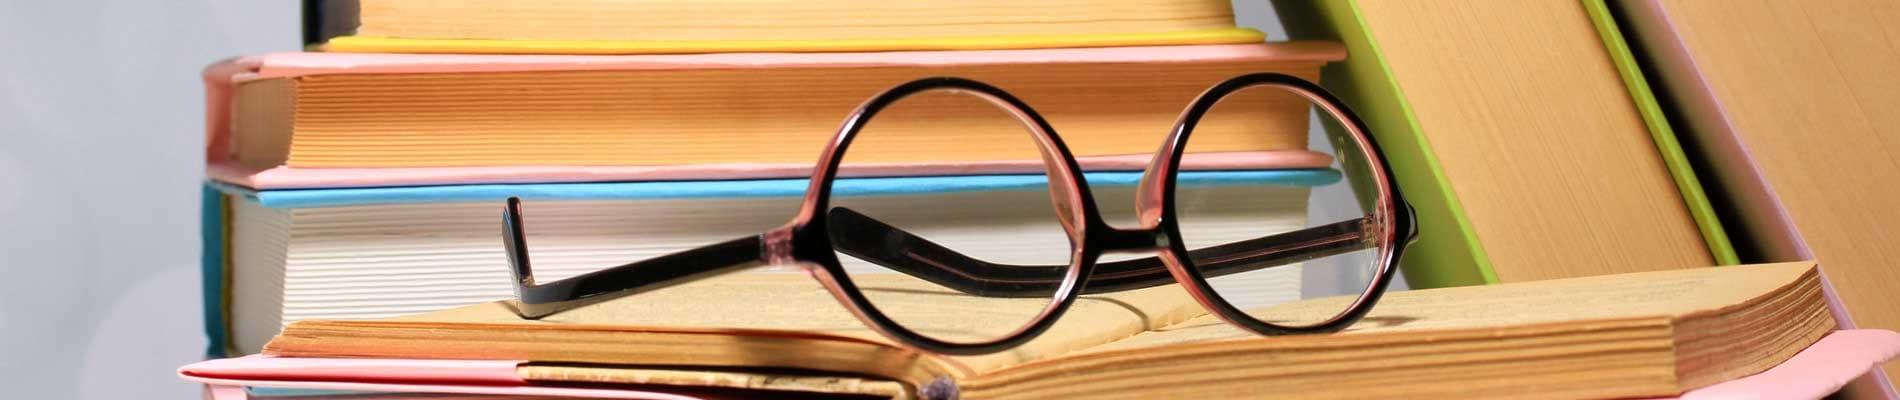 Filosofía y teología